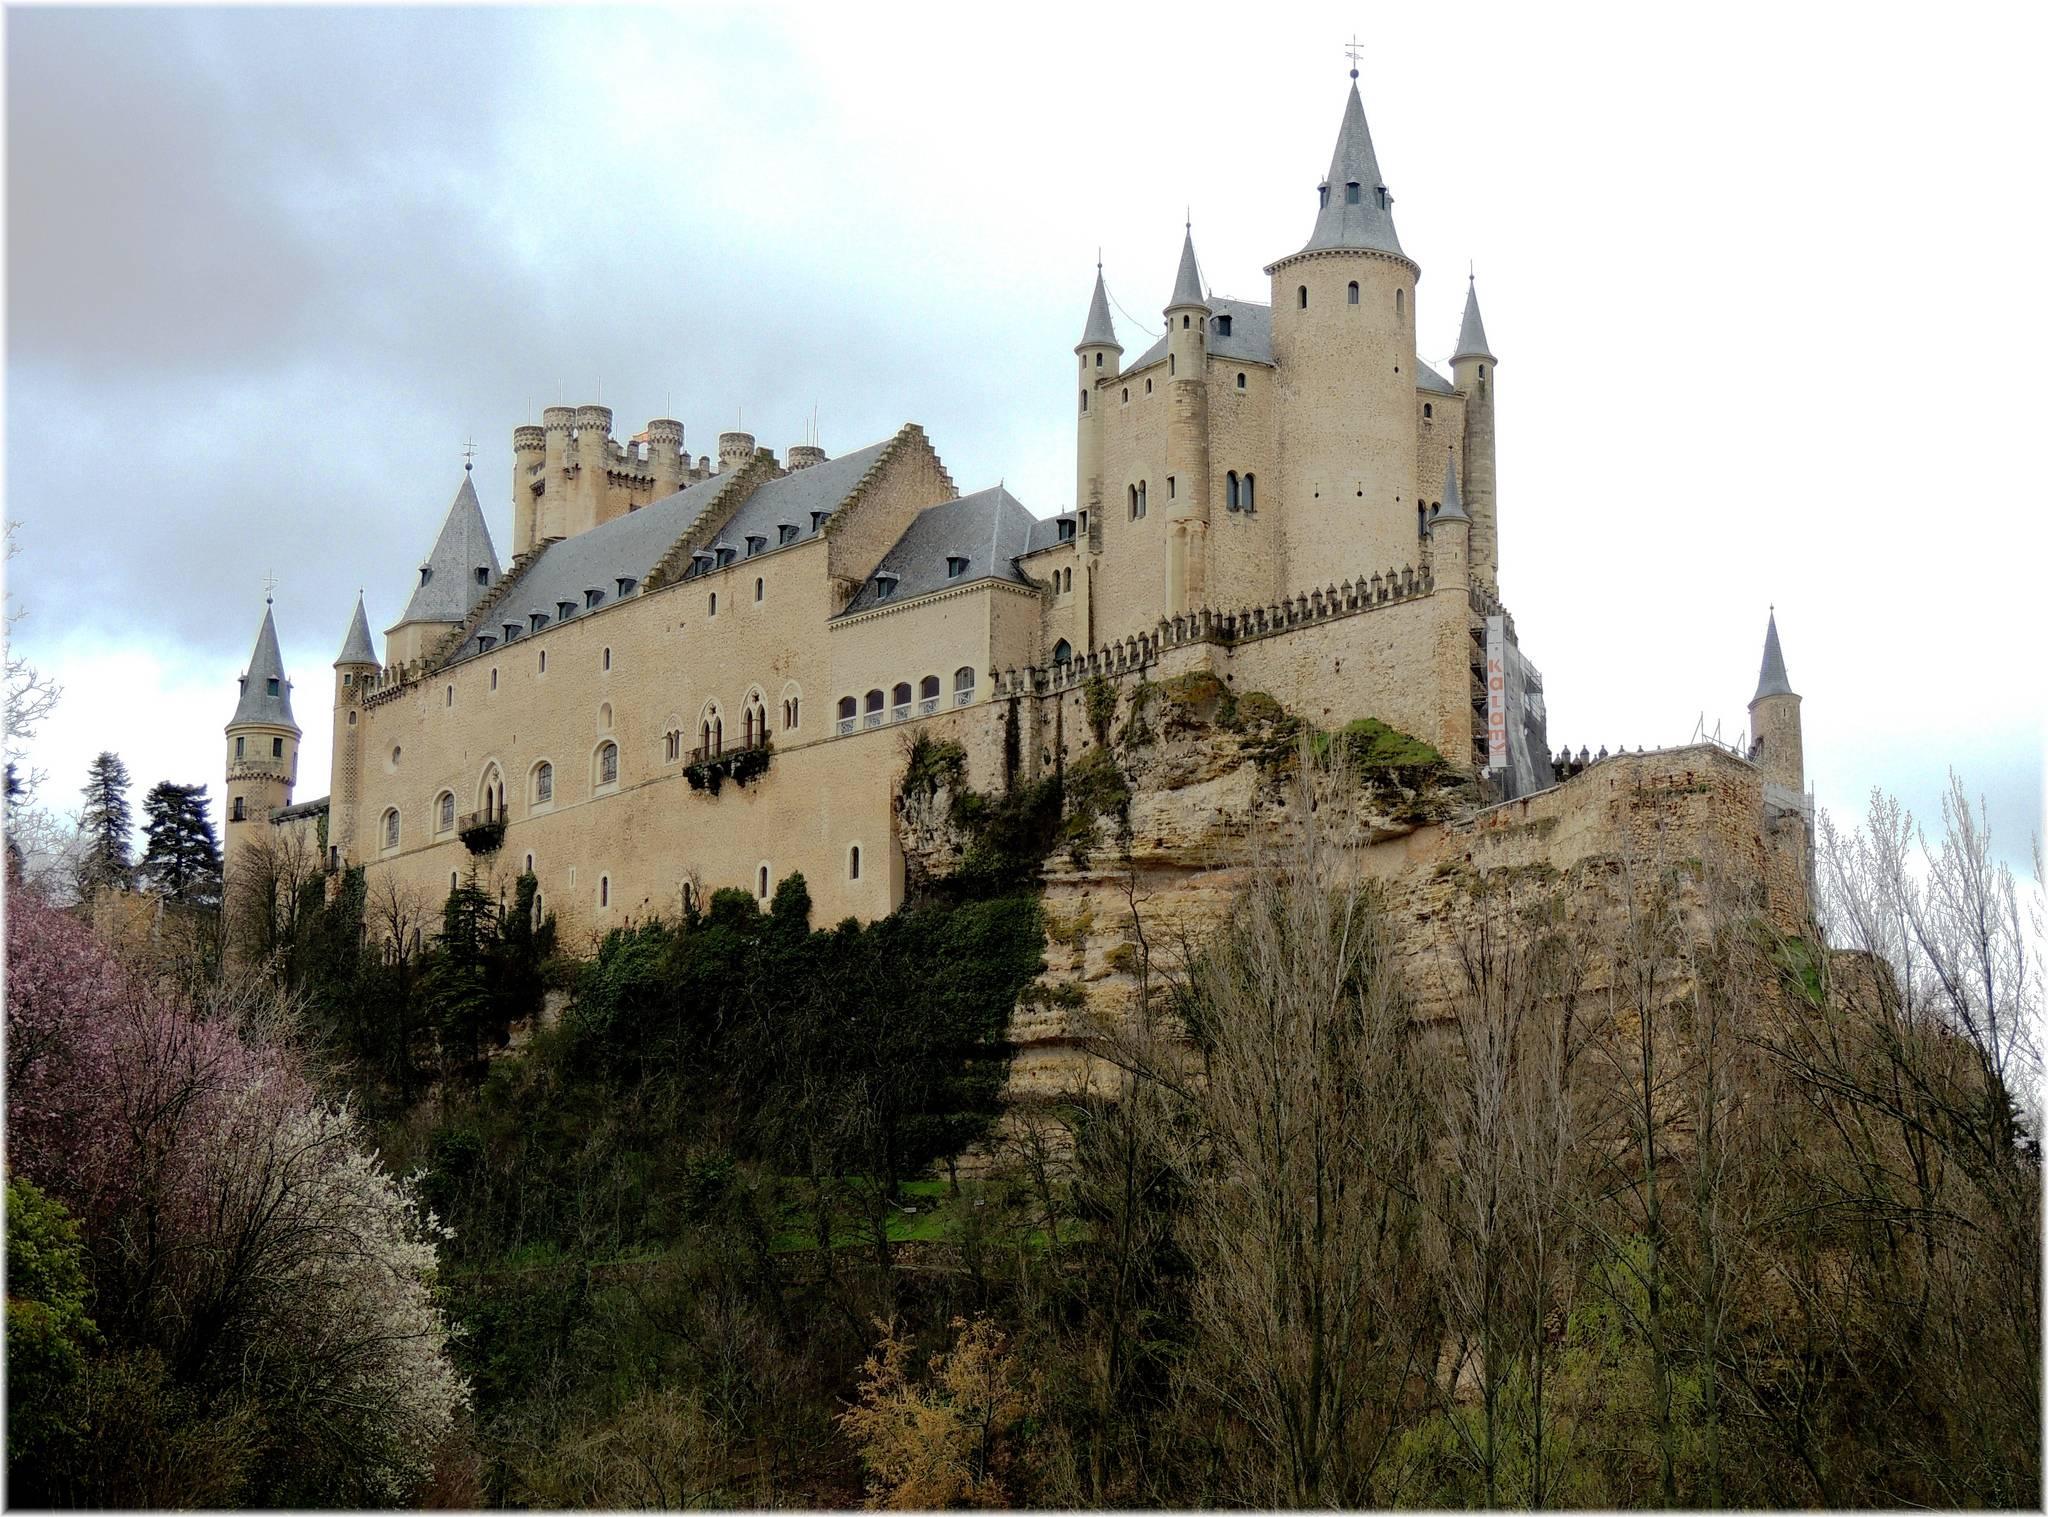 Los 4 castillos más bellos del mundo - Alcázar de Segovia